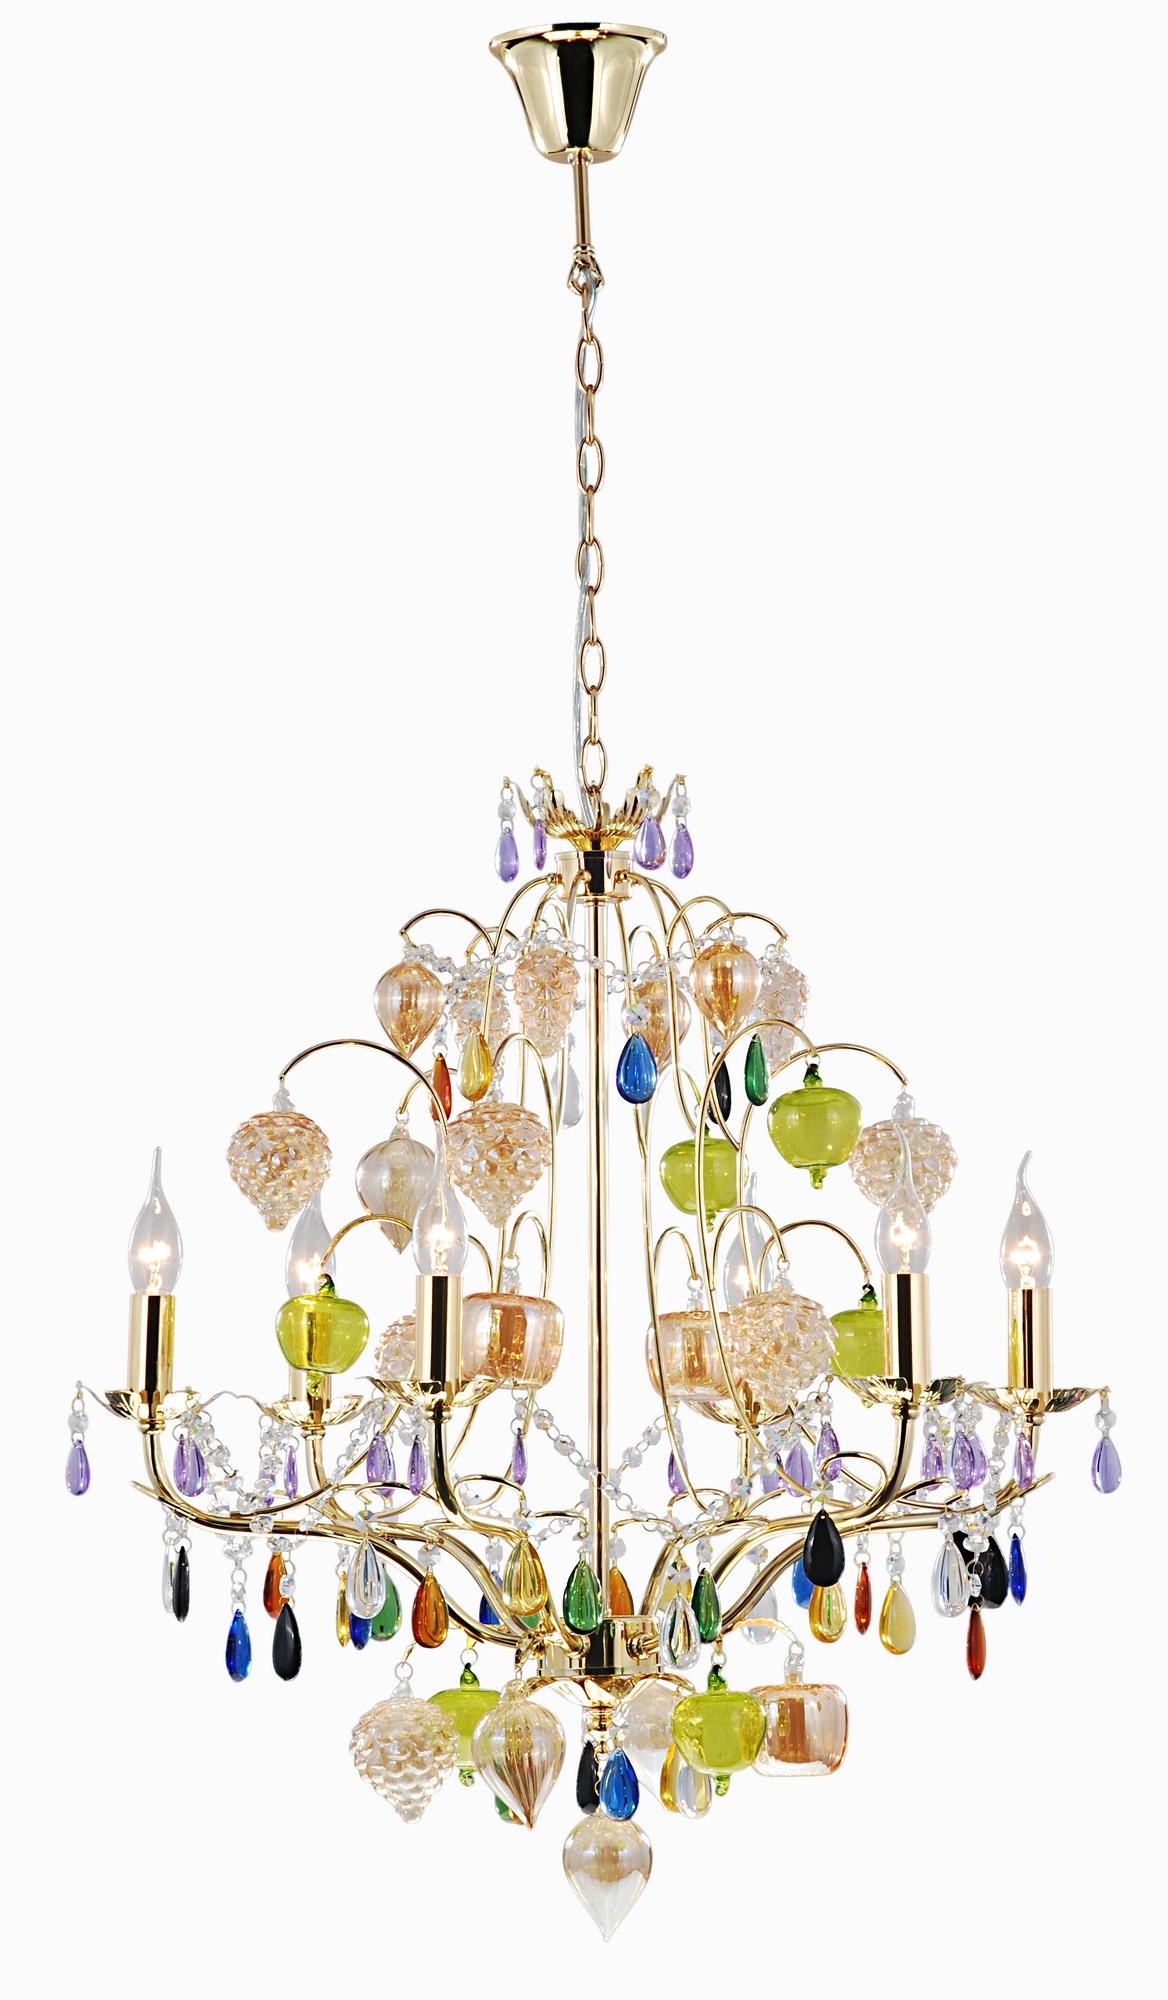 все цены на Люстра Arte lamp Ricchezza a2011lm-6go онлайн